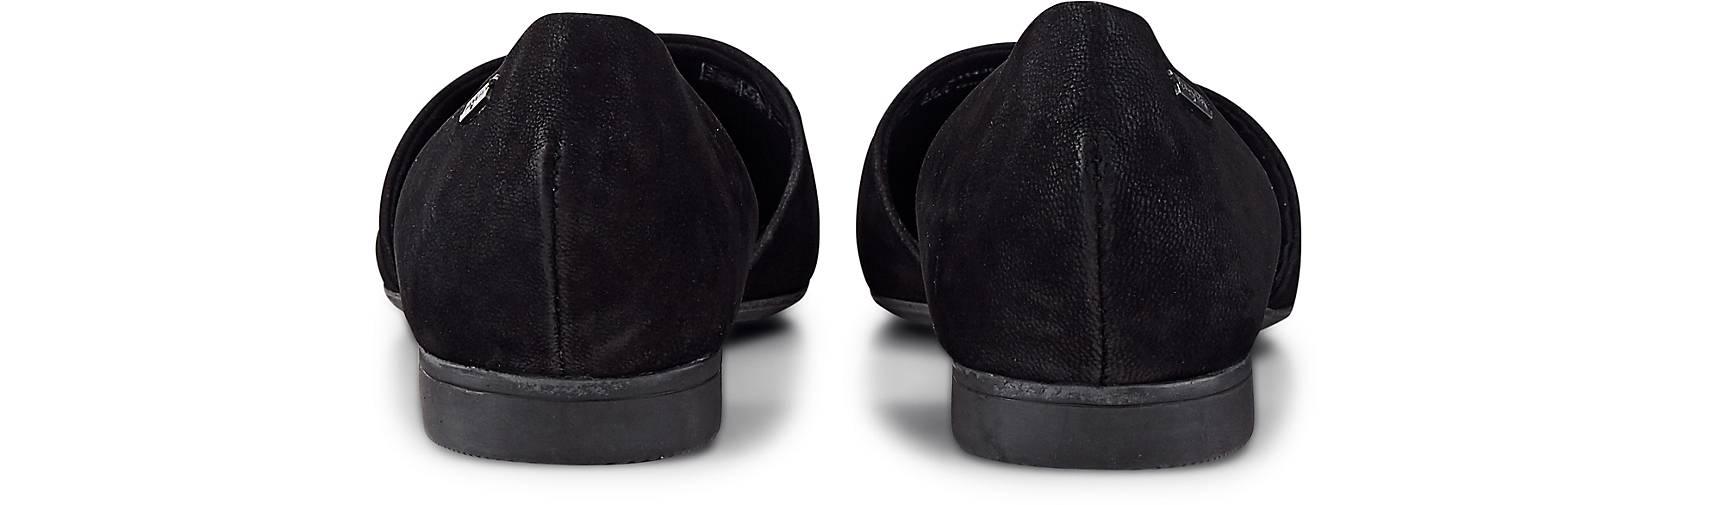 Bugatti Fashion-Ballerina 47147401 in schwarz kaufen - 47147401 Fashion-Ballerina | GÖRTZ 9c744b